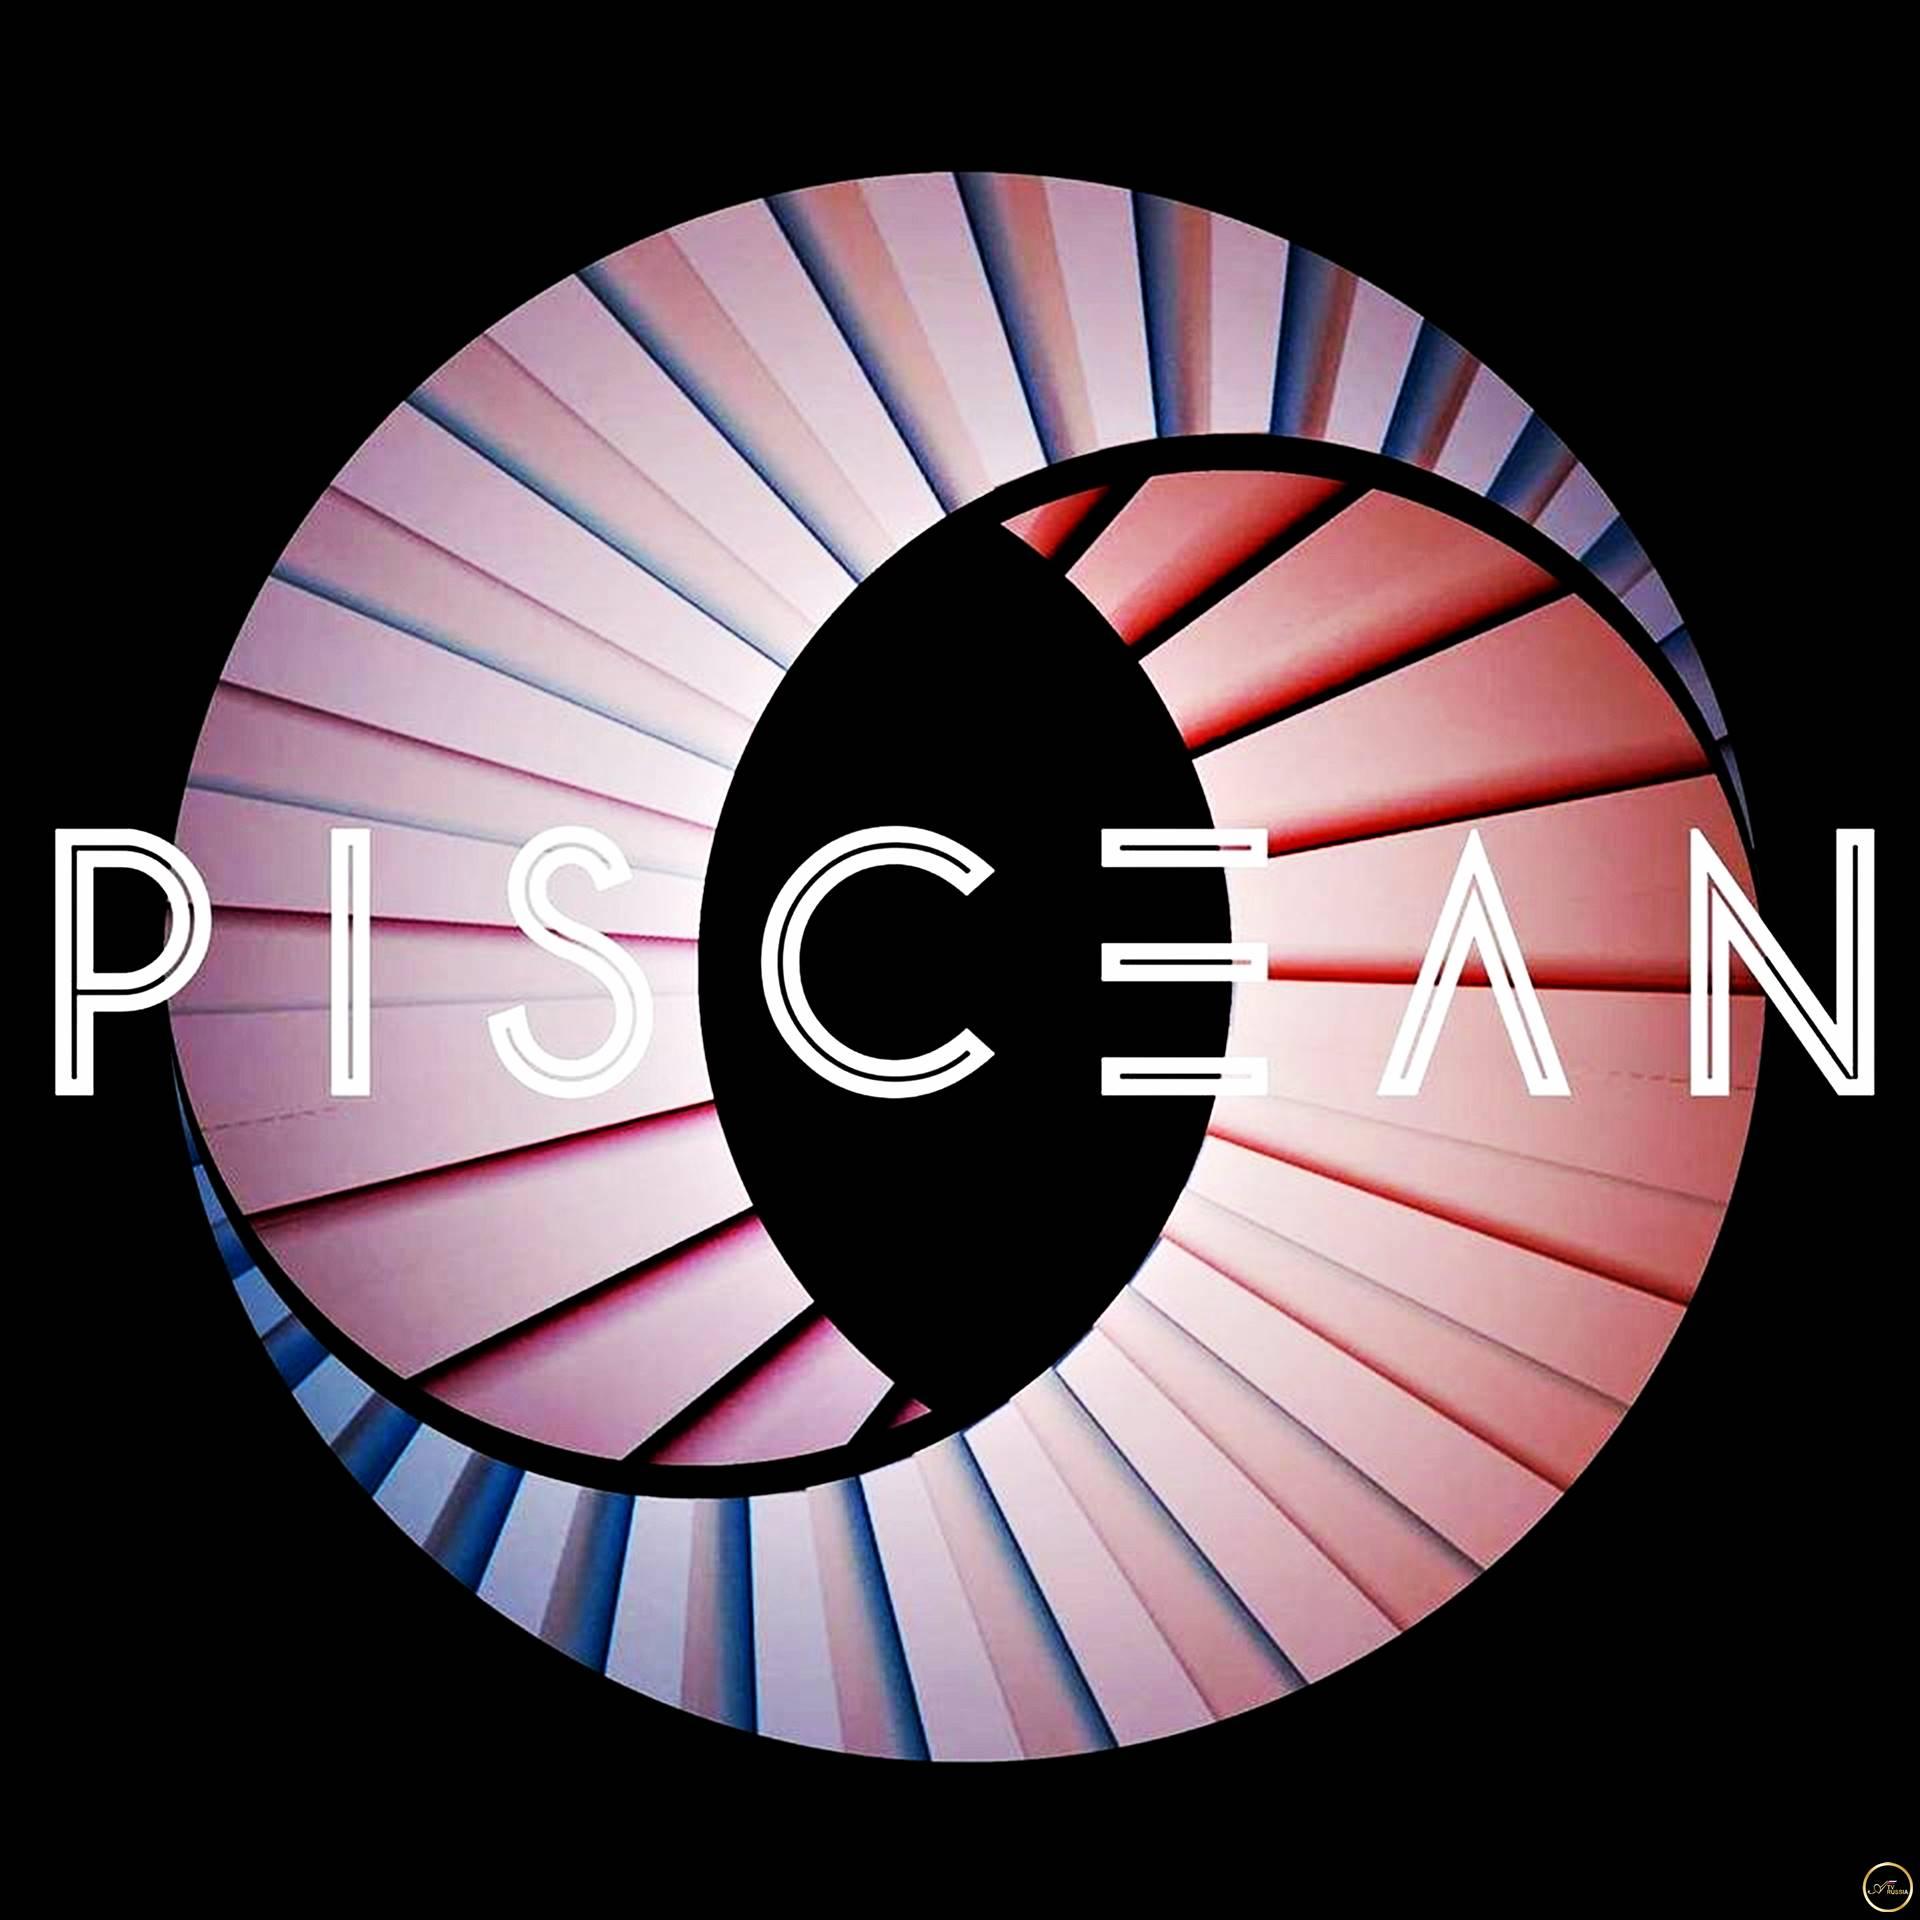 Piscean